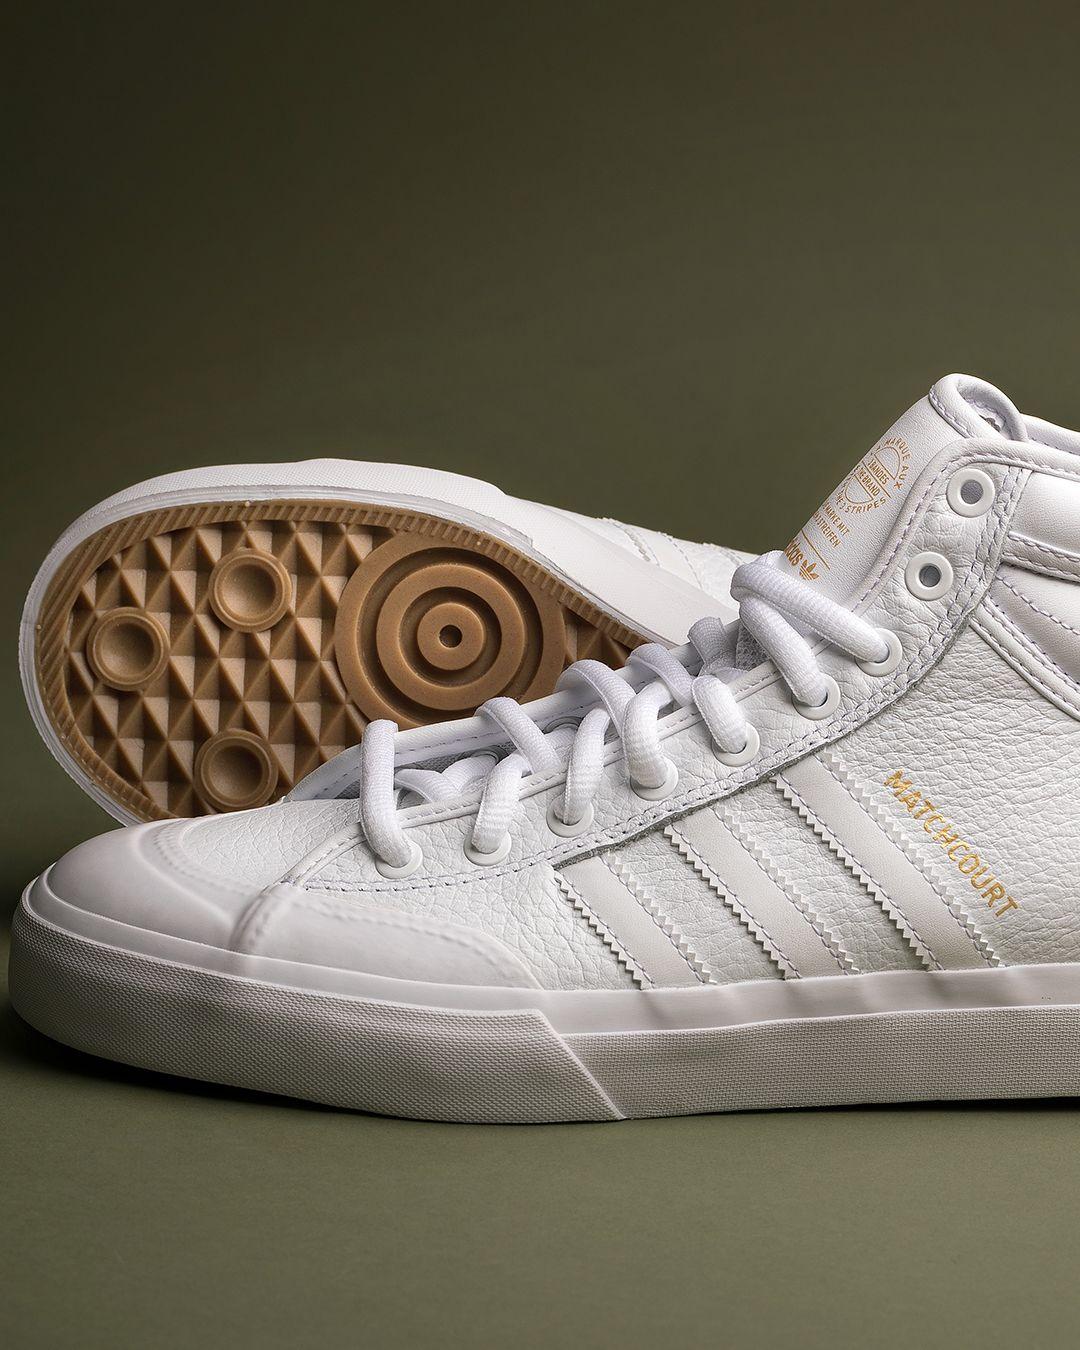 Adidas Matchcourt Hohe Rx2 Online Bestellen Adidas